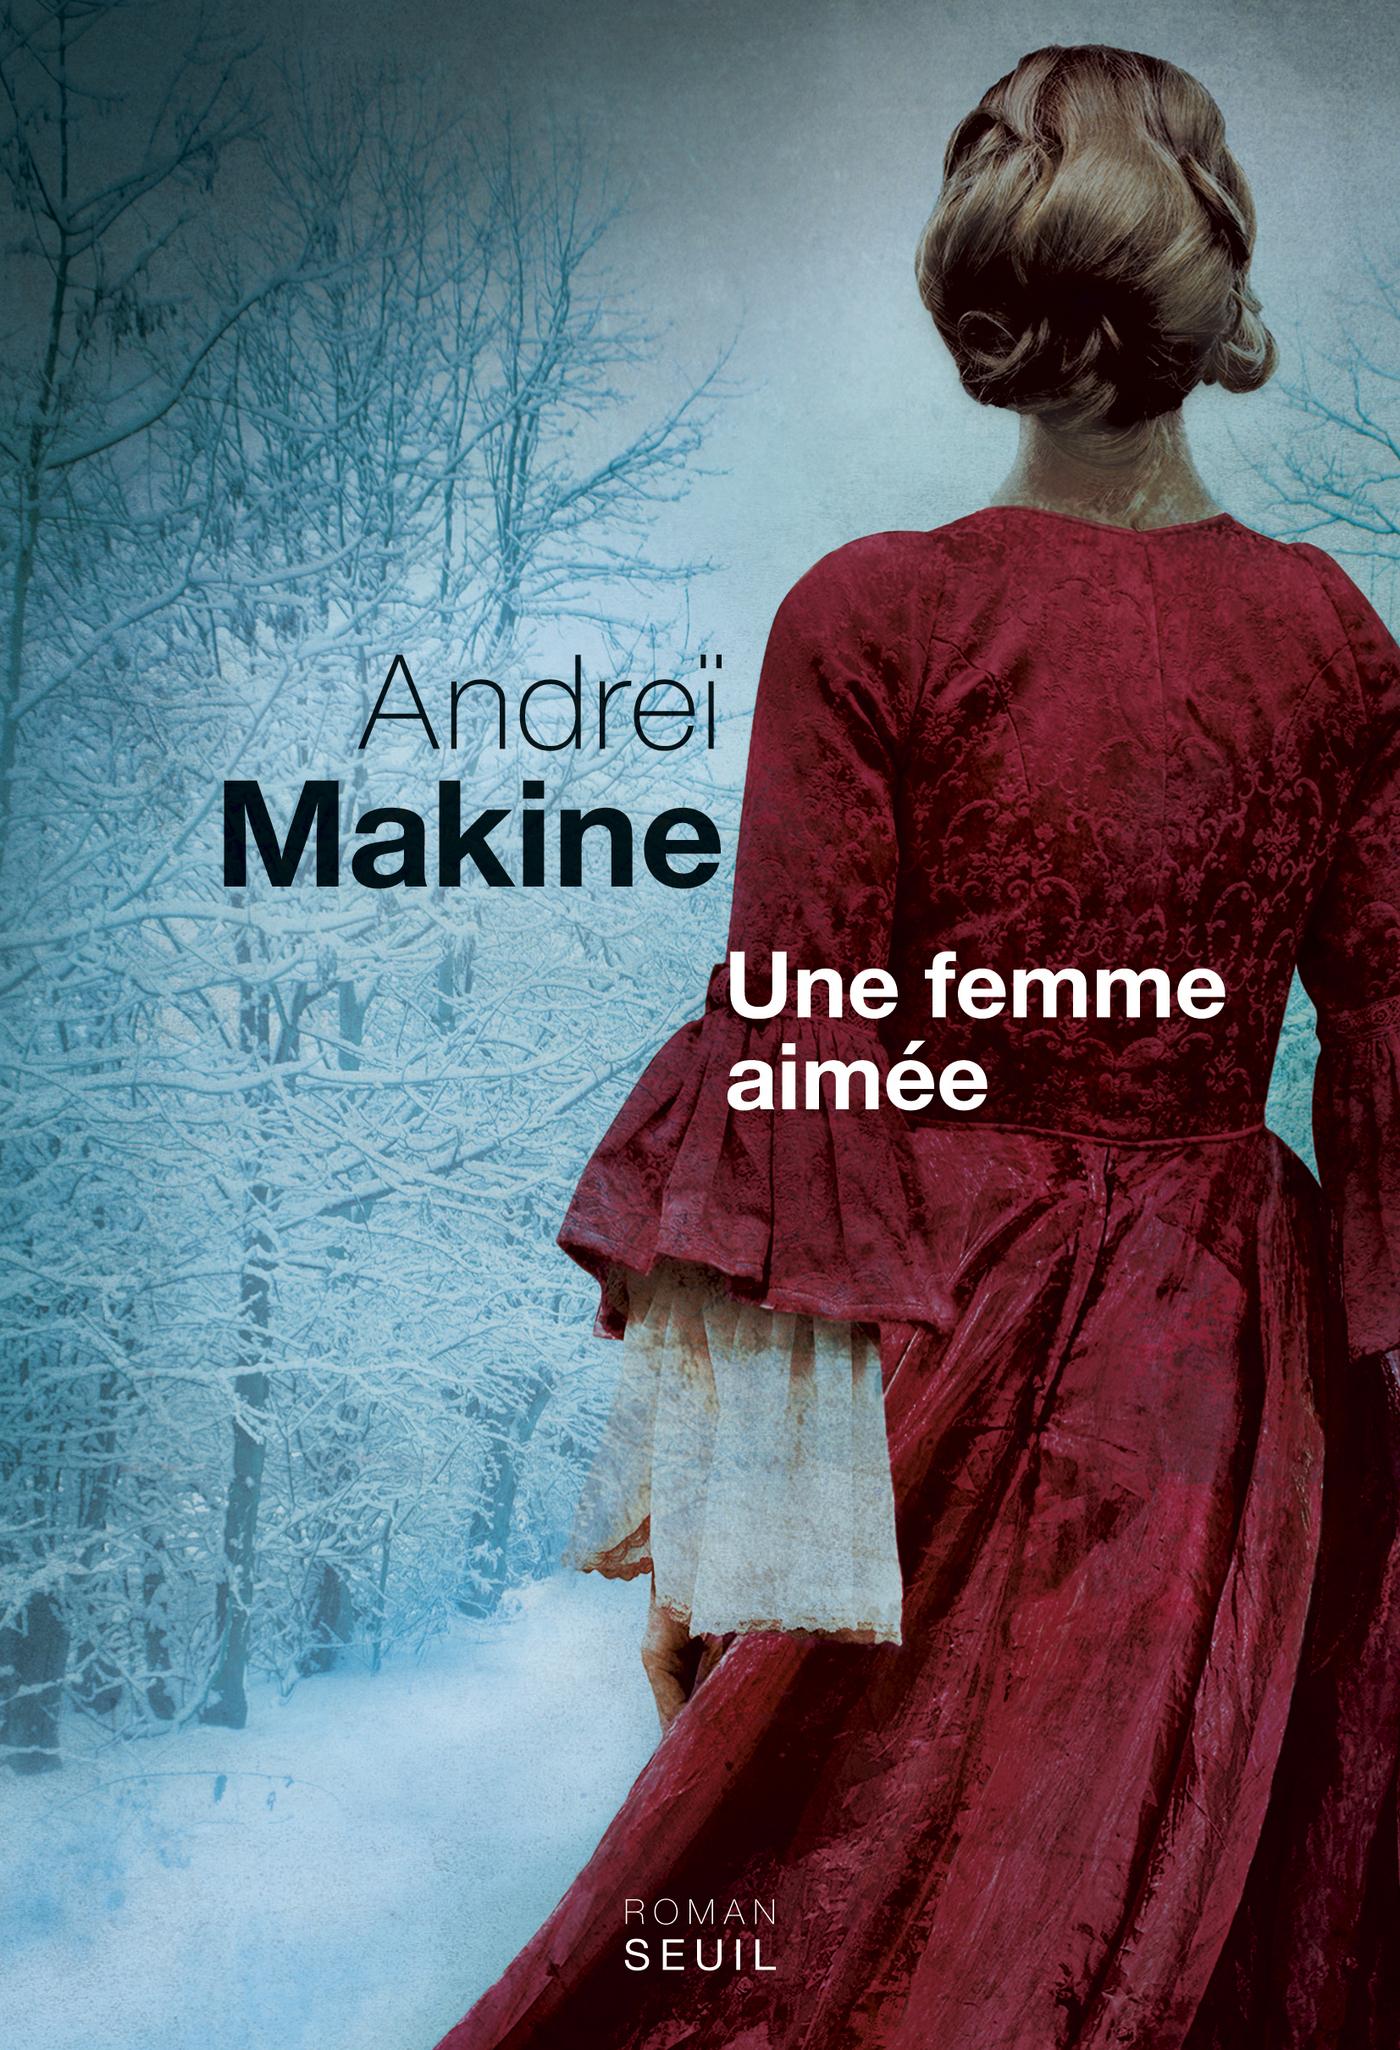 Couverture : Une femme aimée Andreï Makine